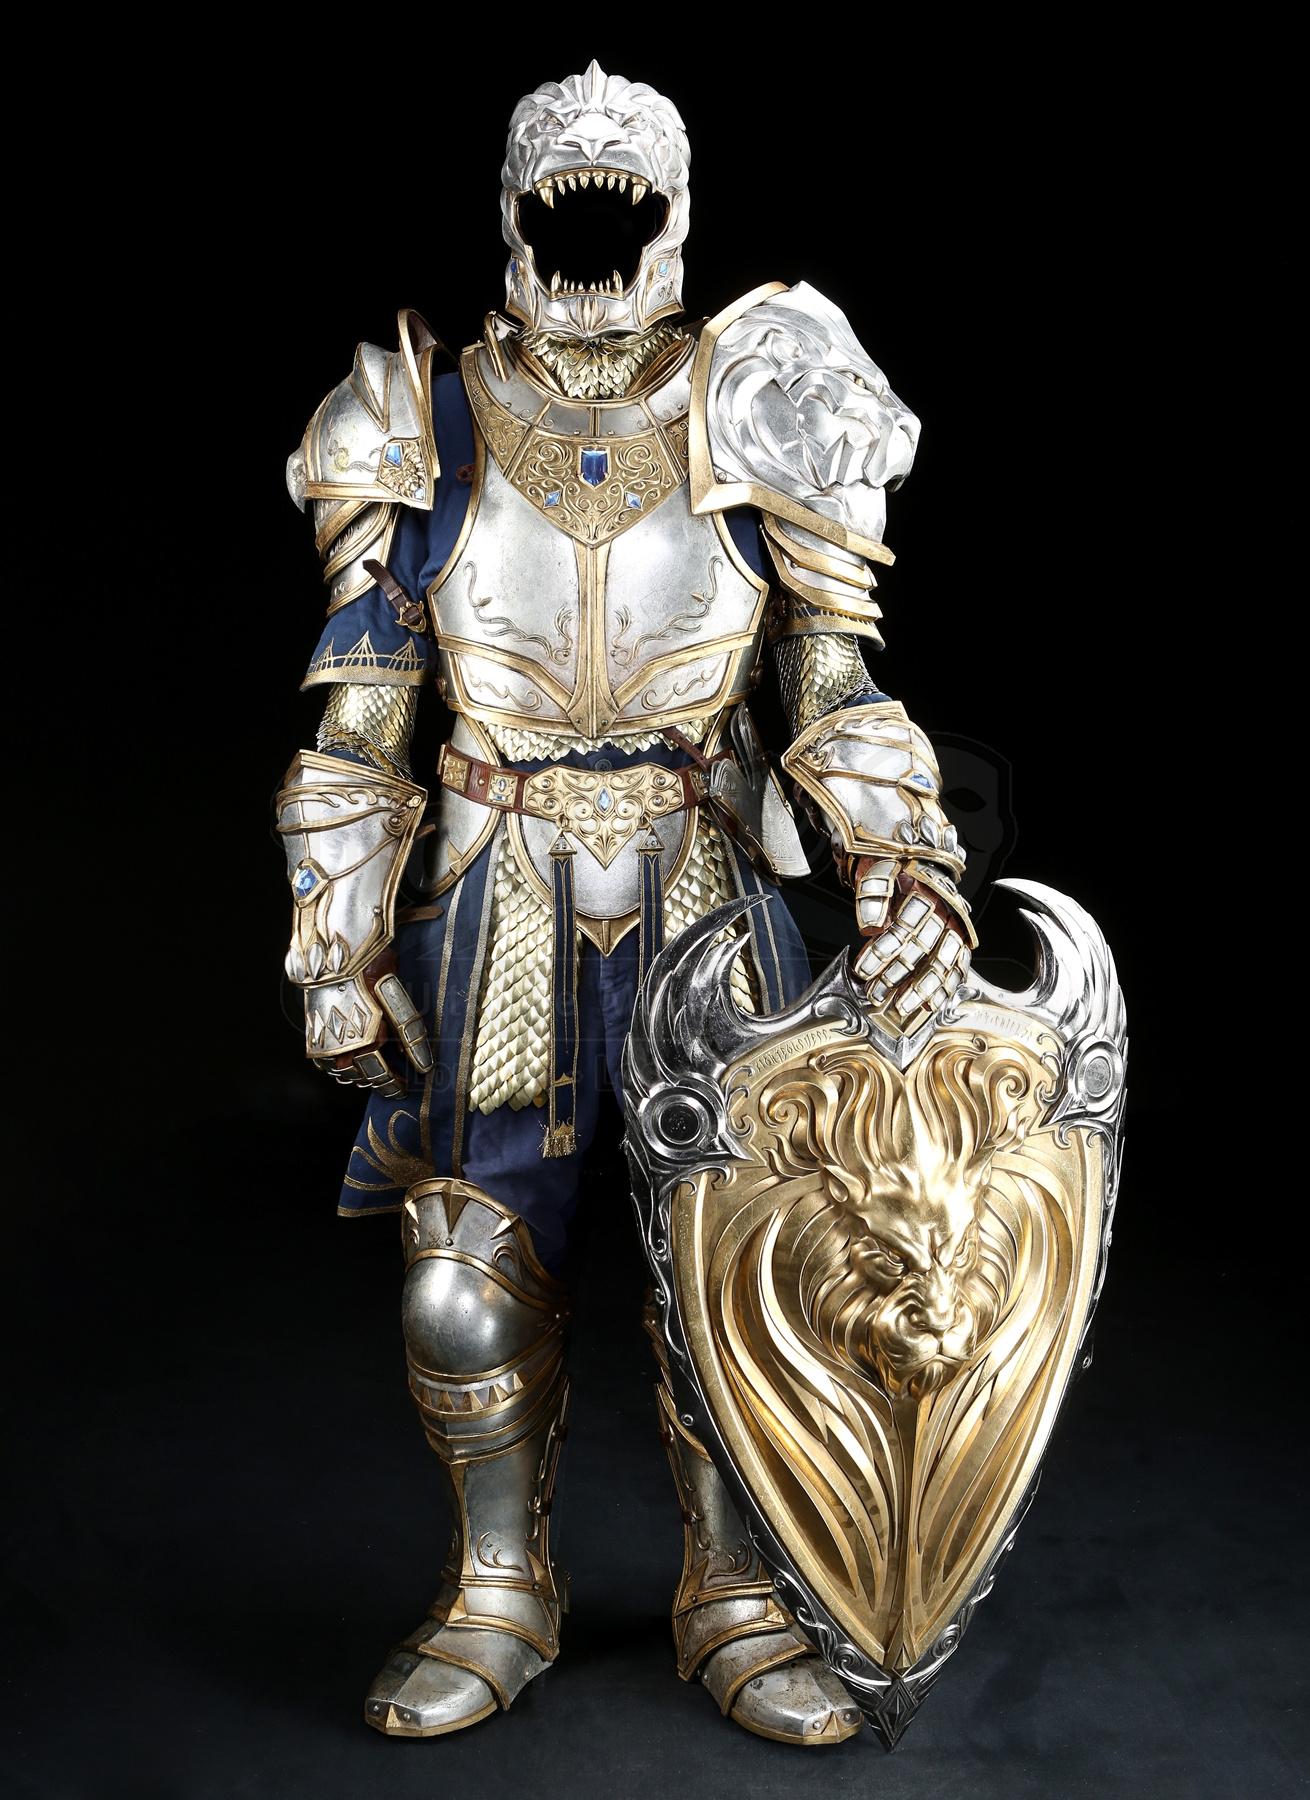 Objet du film Warcraft vendu aux enchères chez Prop Store entre le 15 et le 25 mai 2018.